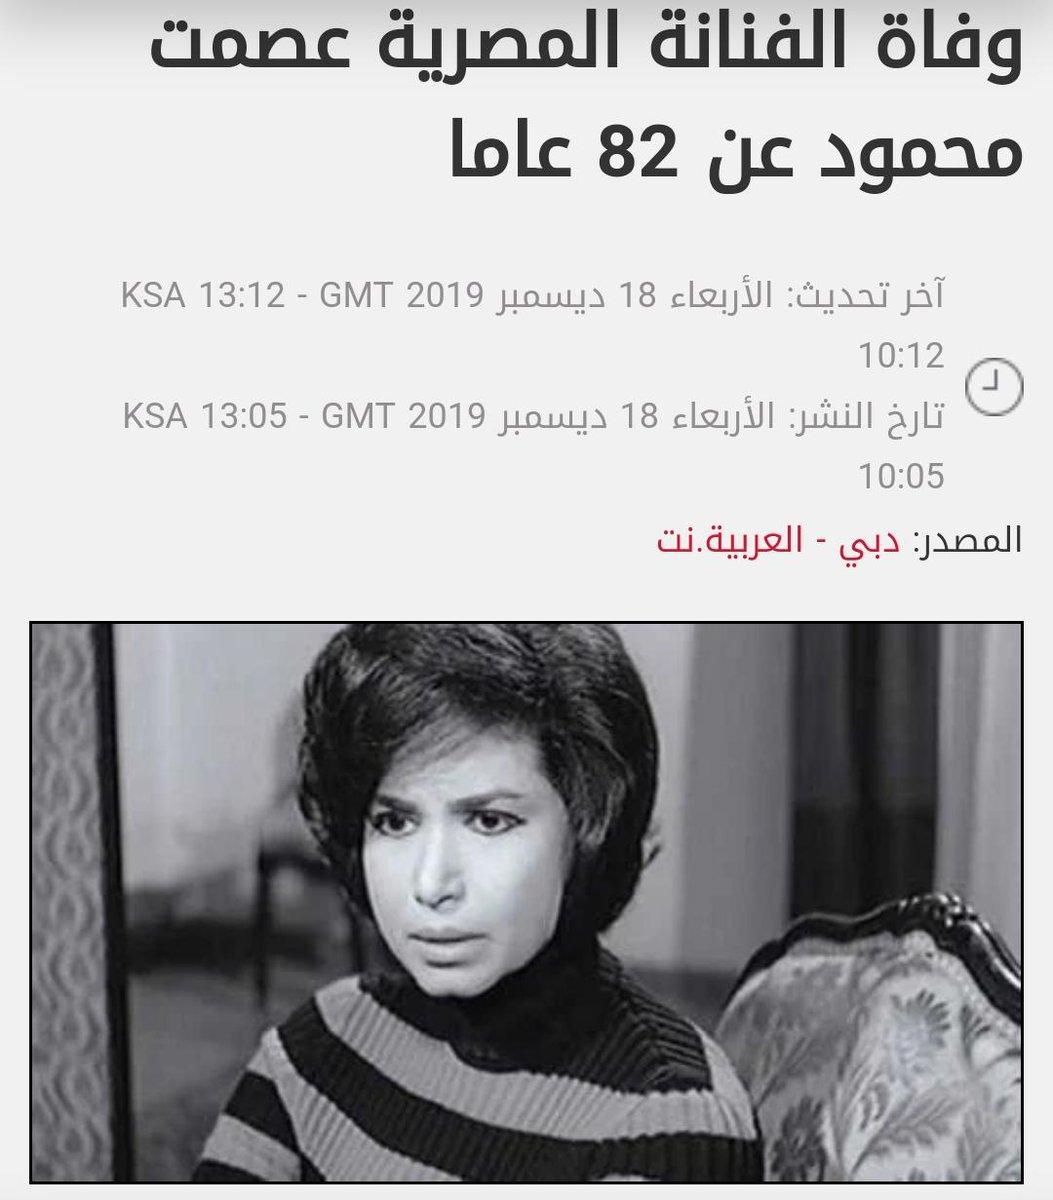 الاســـم:عصمت محمود.png المشاهدات: 336 الحجـــم:596.4 كيلوبايت